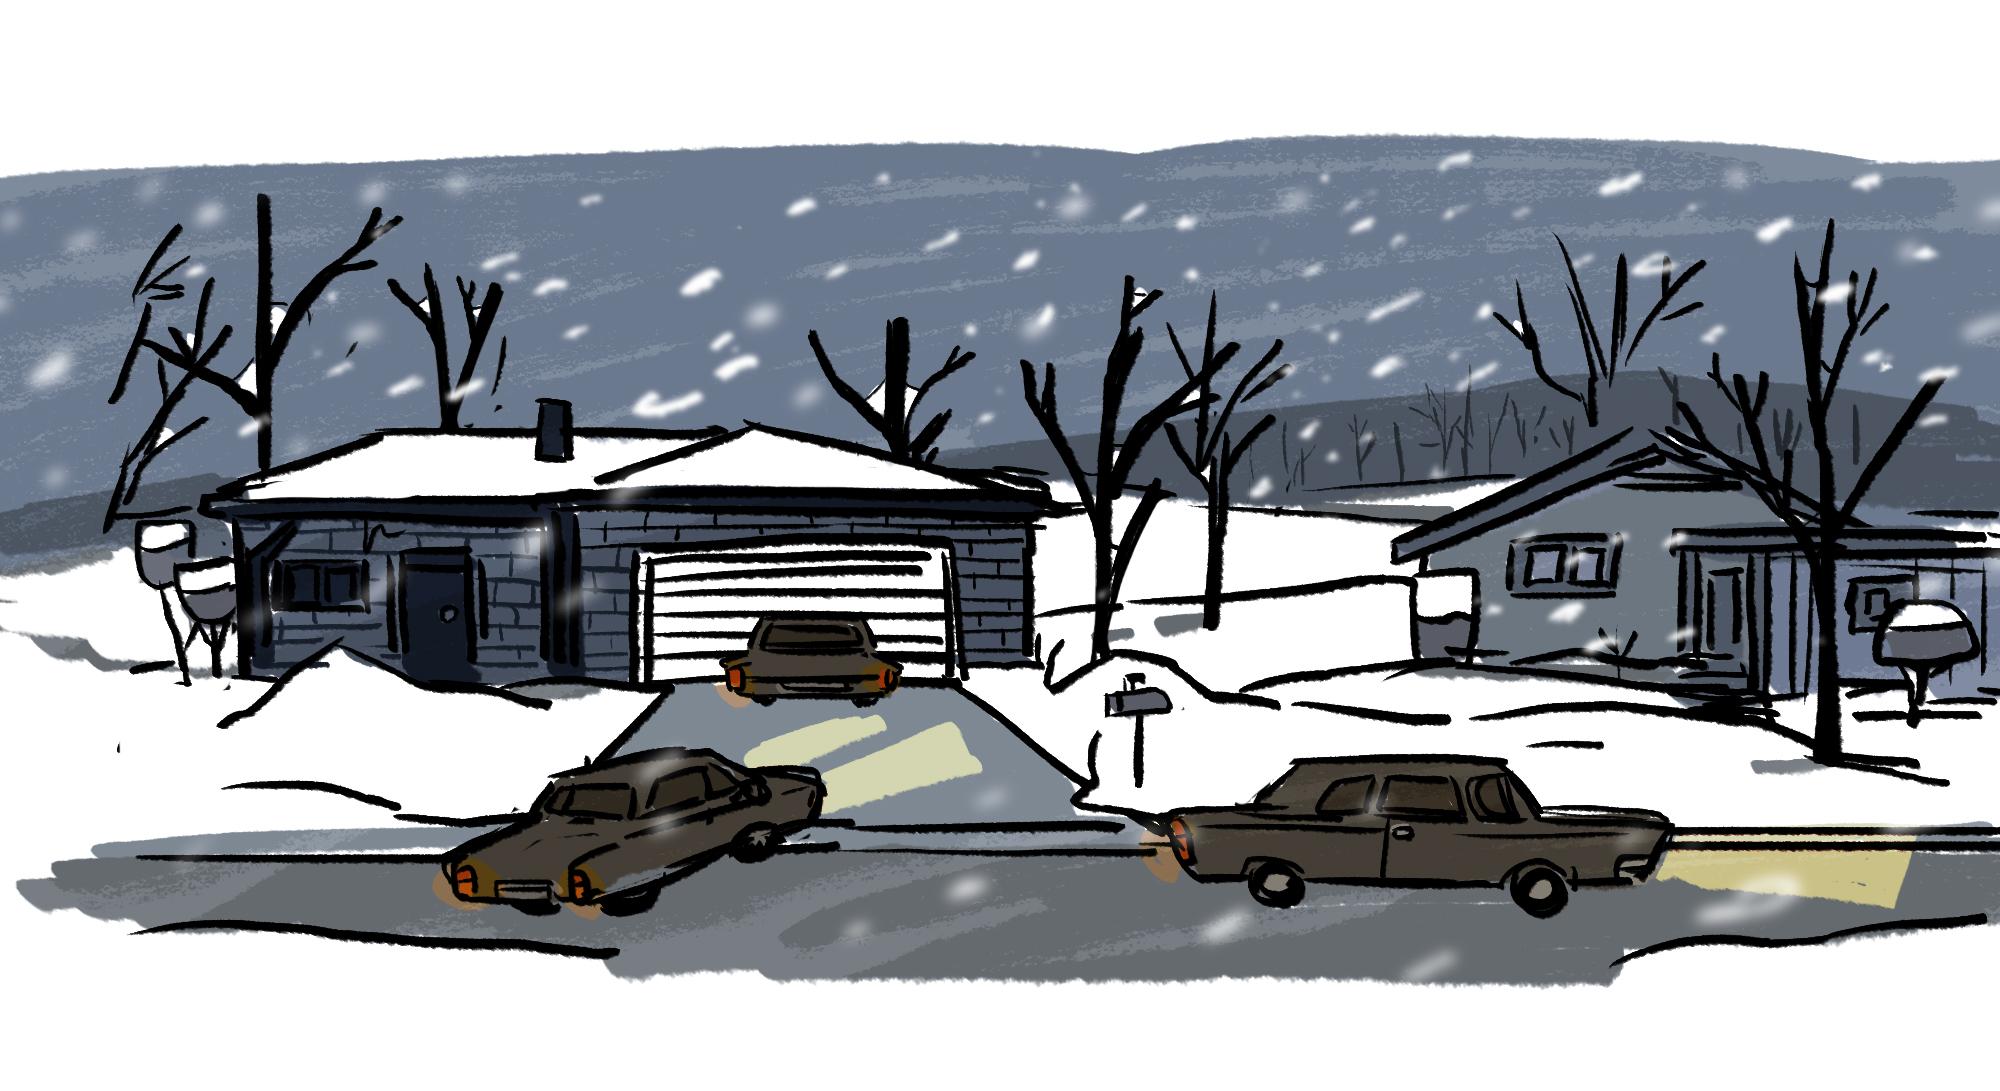 driveway2.jpg